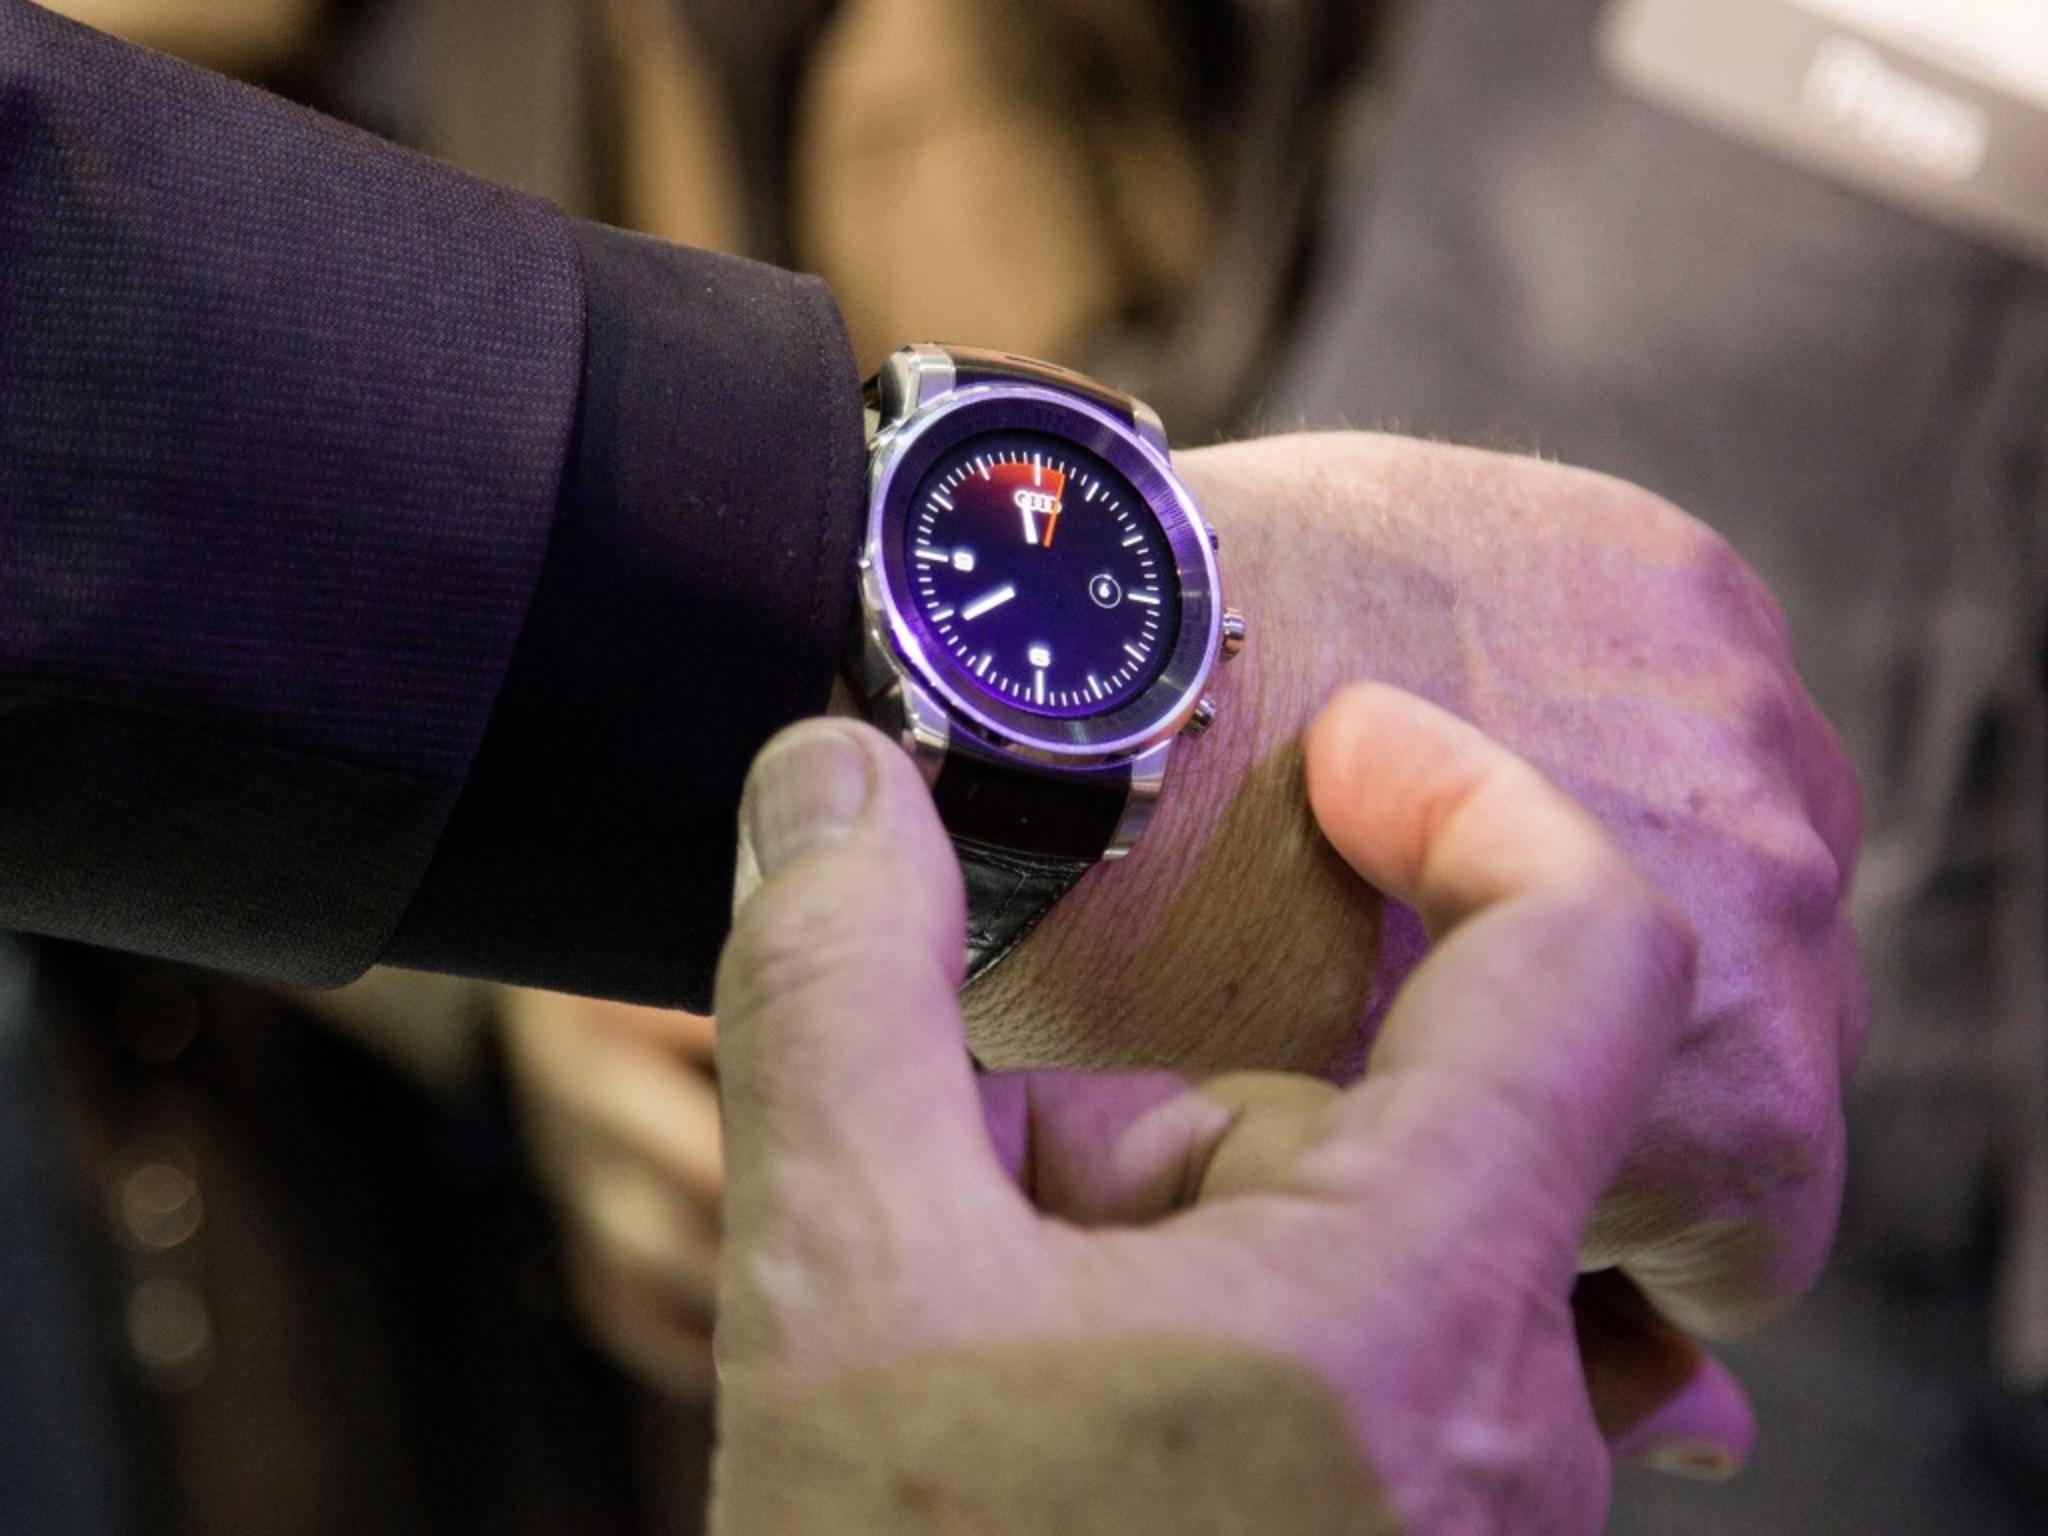 Audi zeigte am Rande einer Pressekonferenz auch eine bisher unbekannte LG Smartwatch.